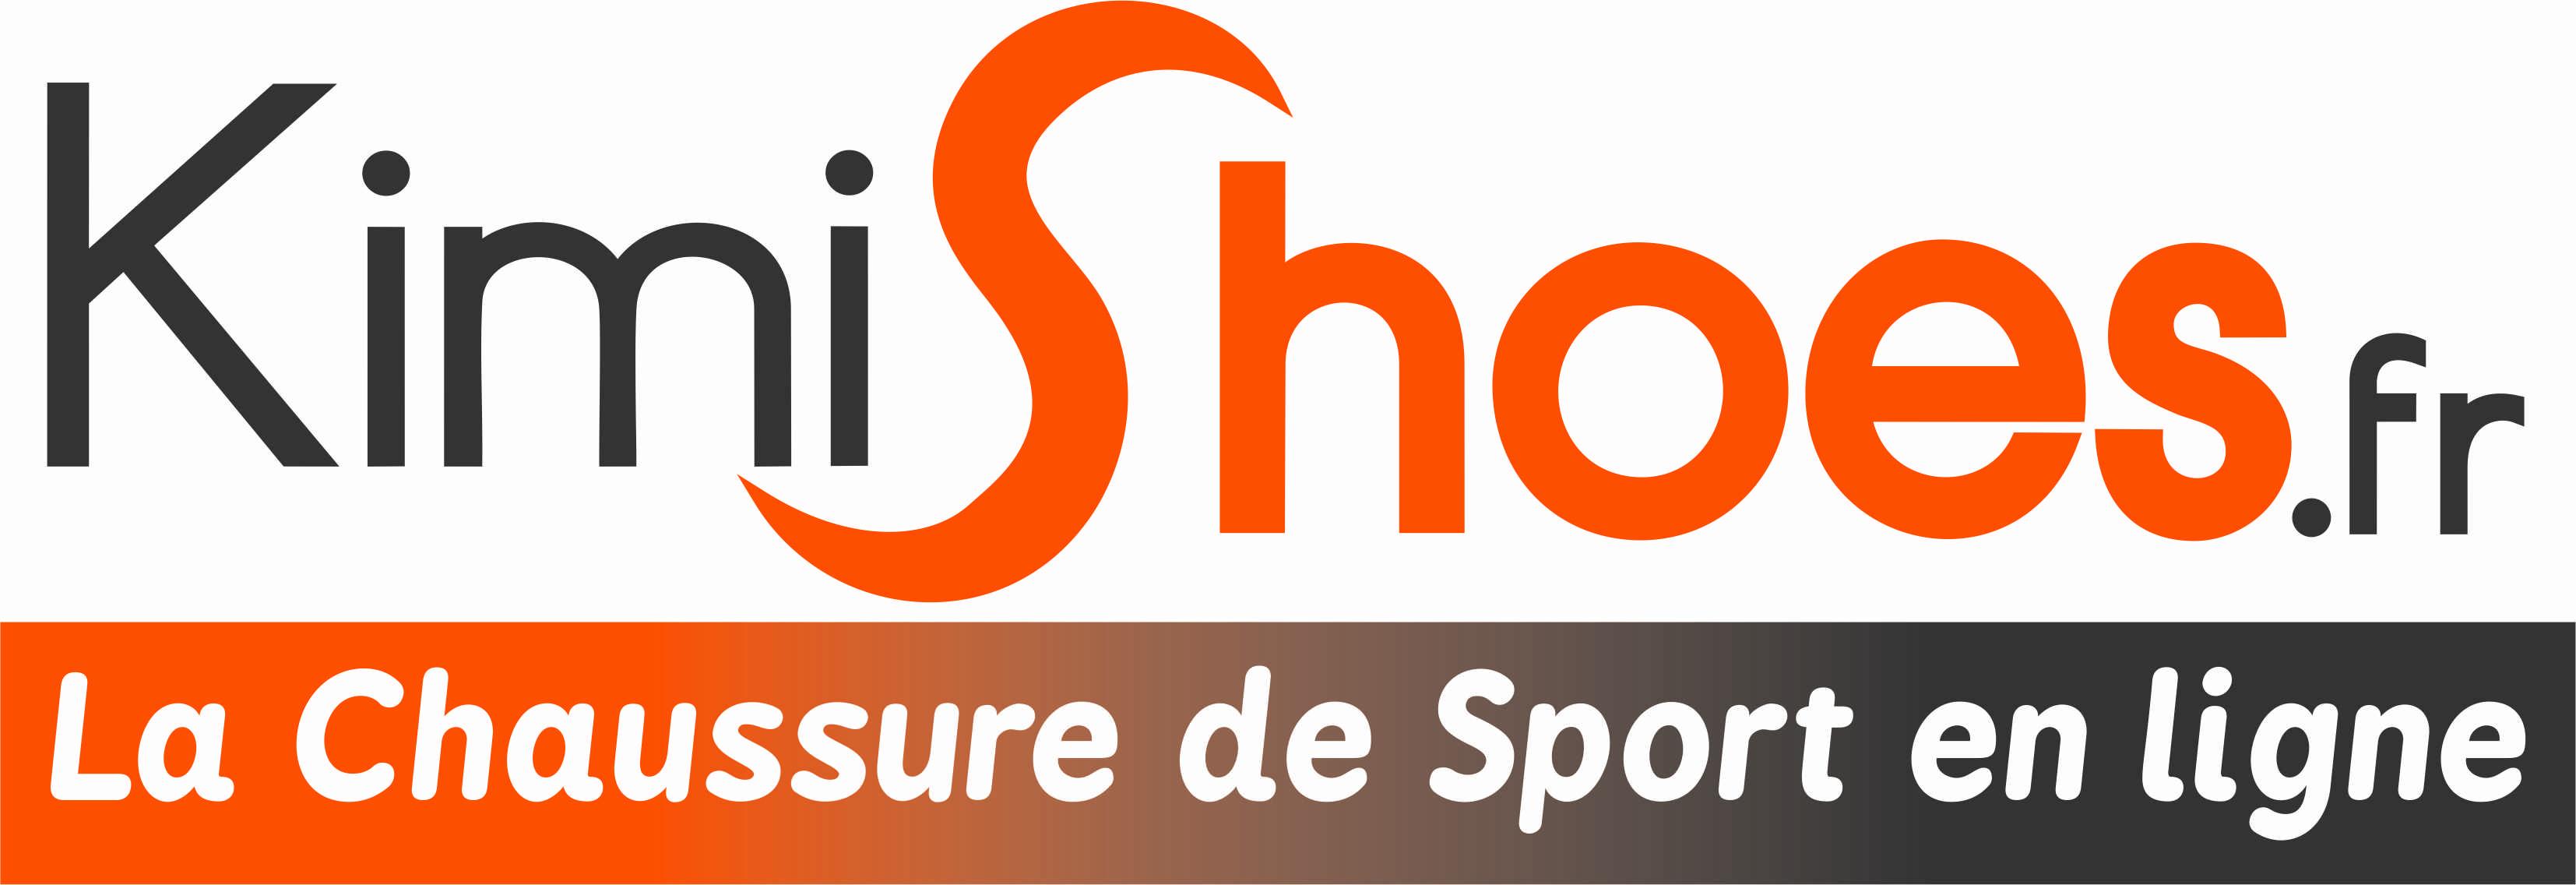 Des chaussures de handball de qualité sur le site kimishoes